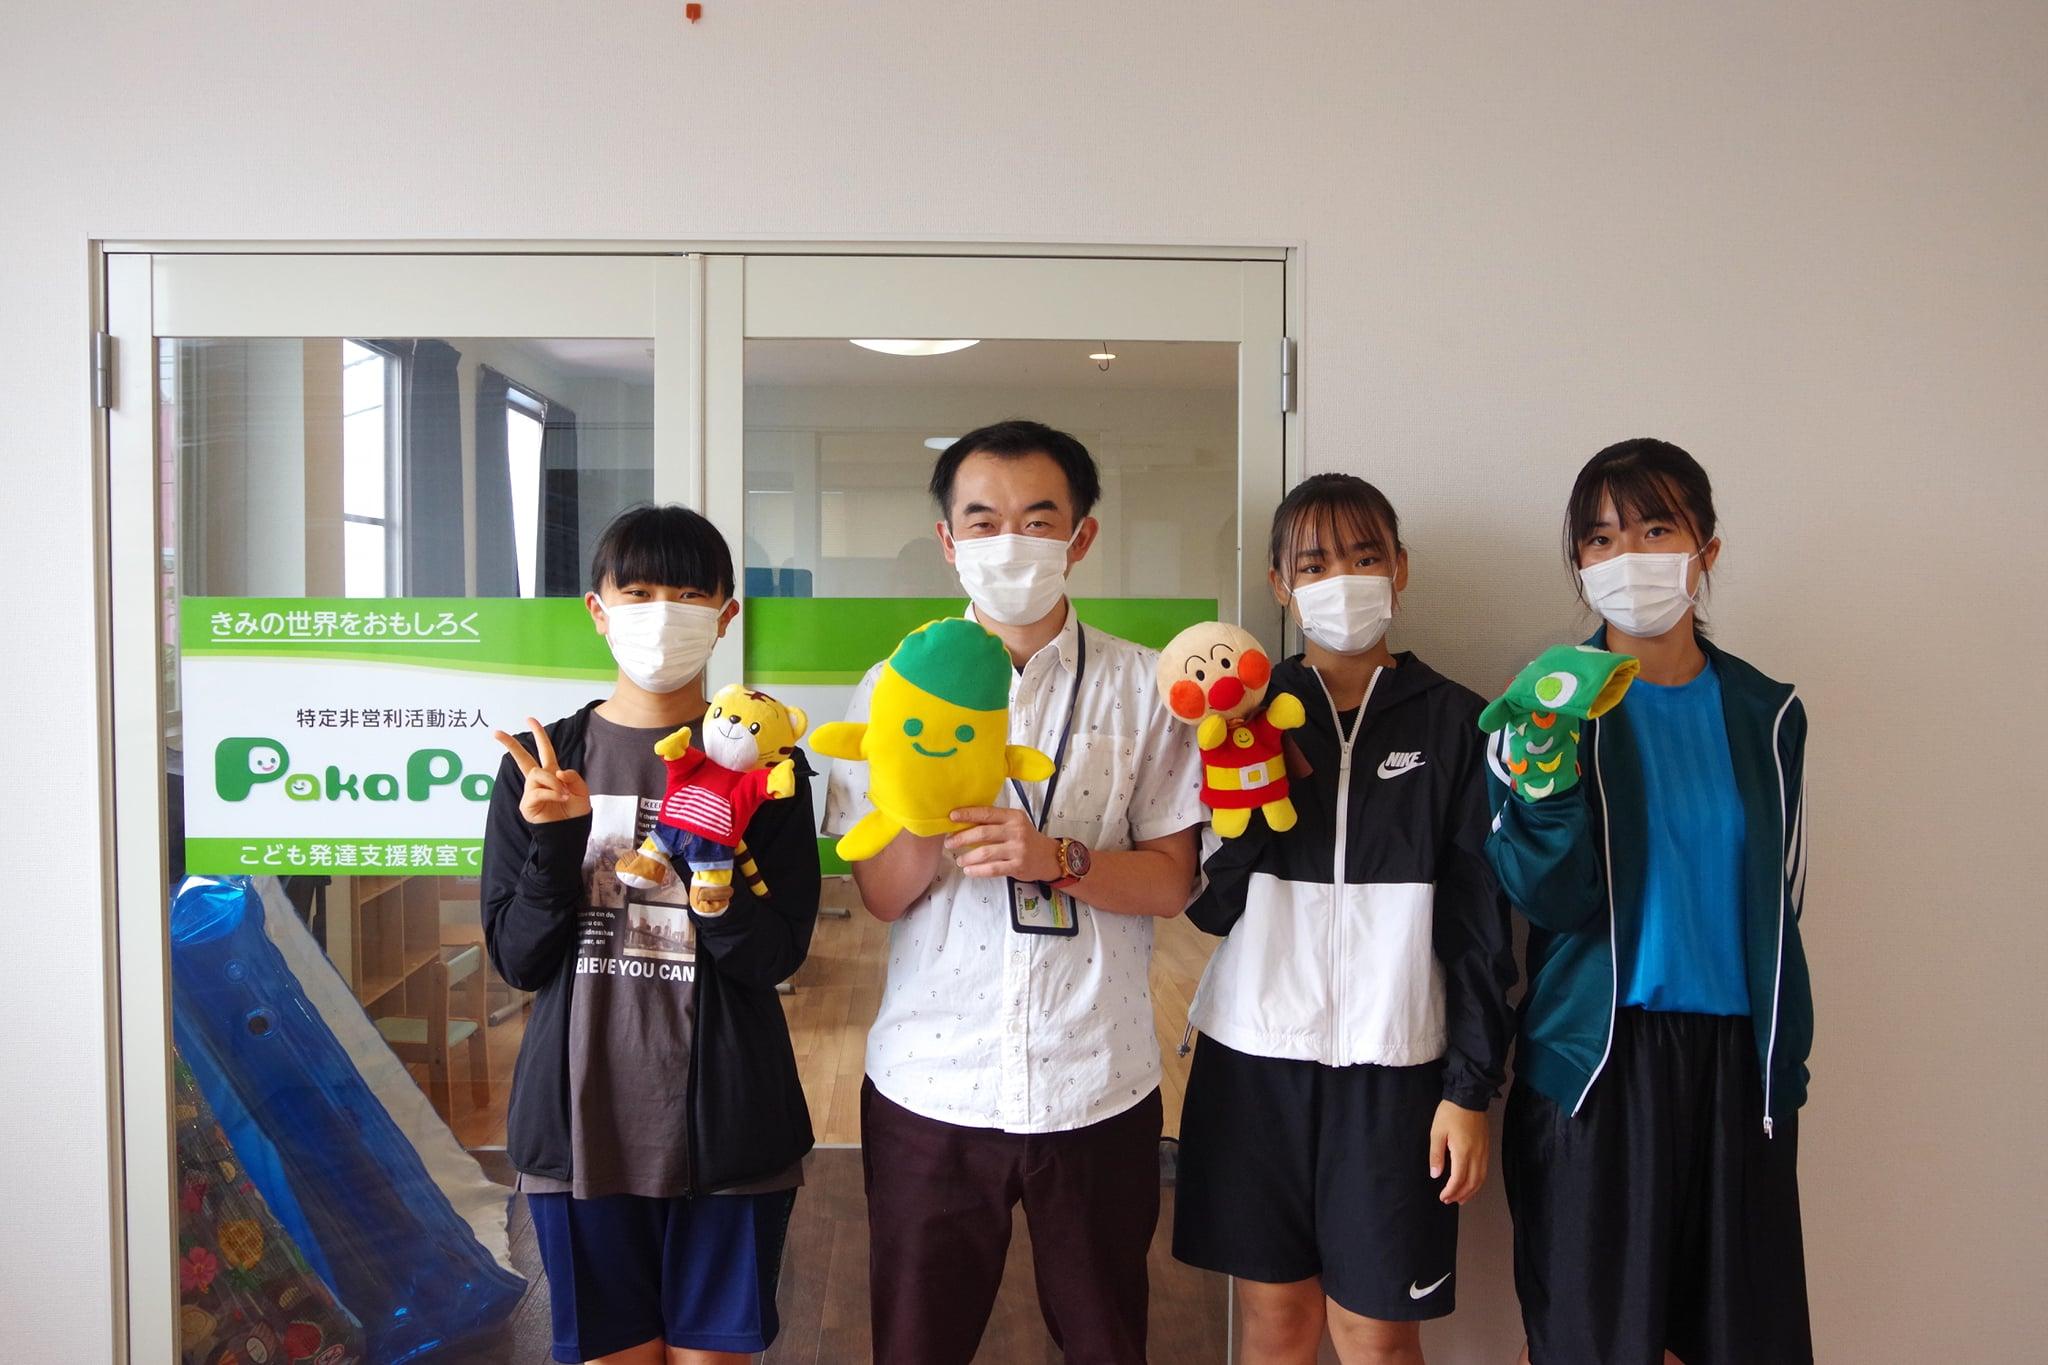 横須賀高校×東海若手起業塾 でインターンシップを実施しました!